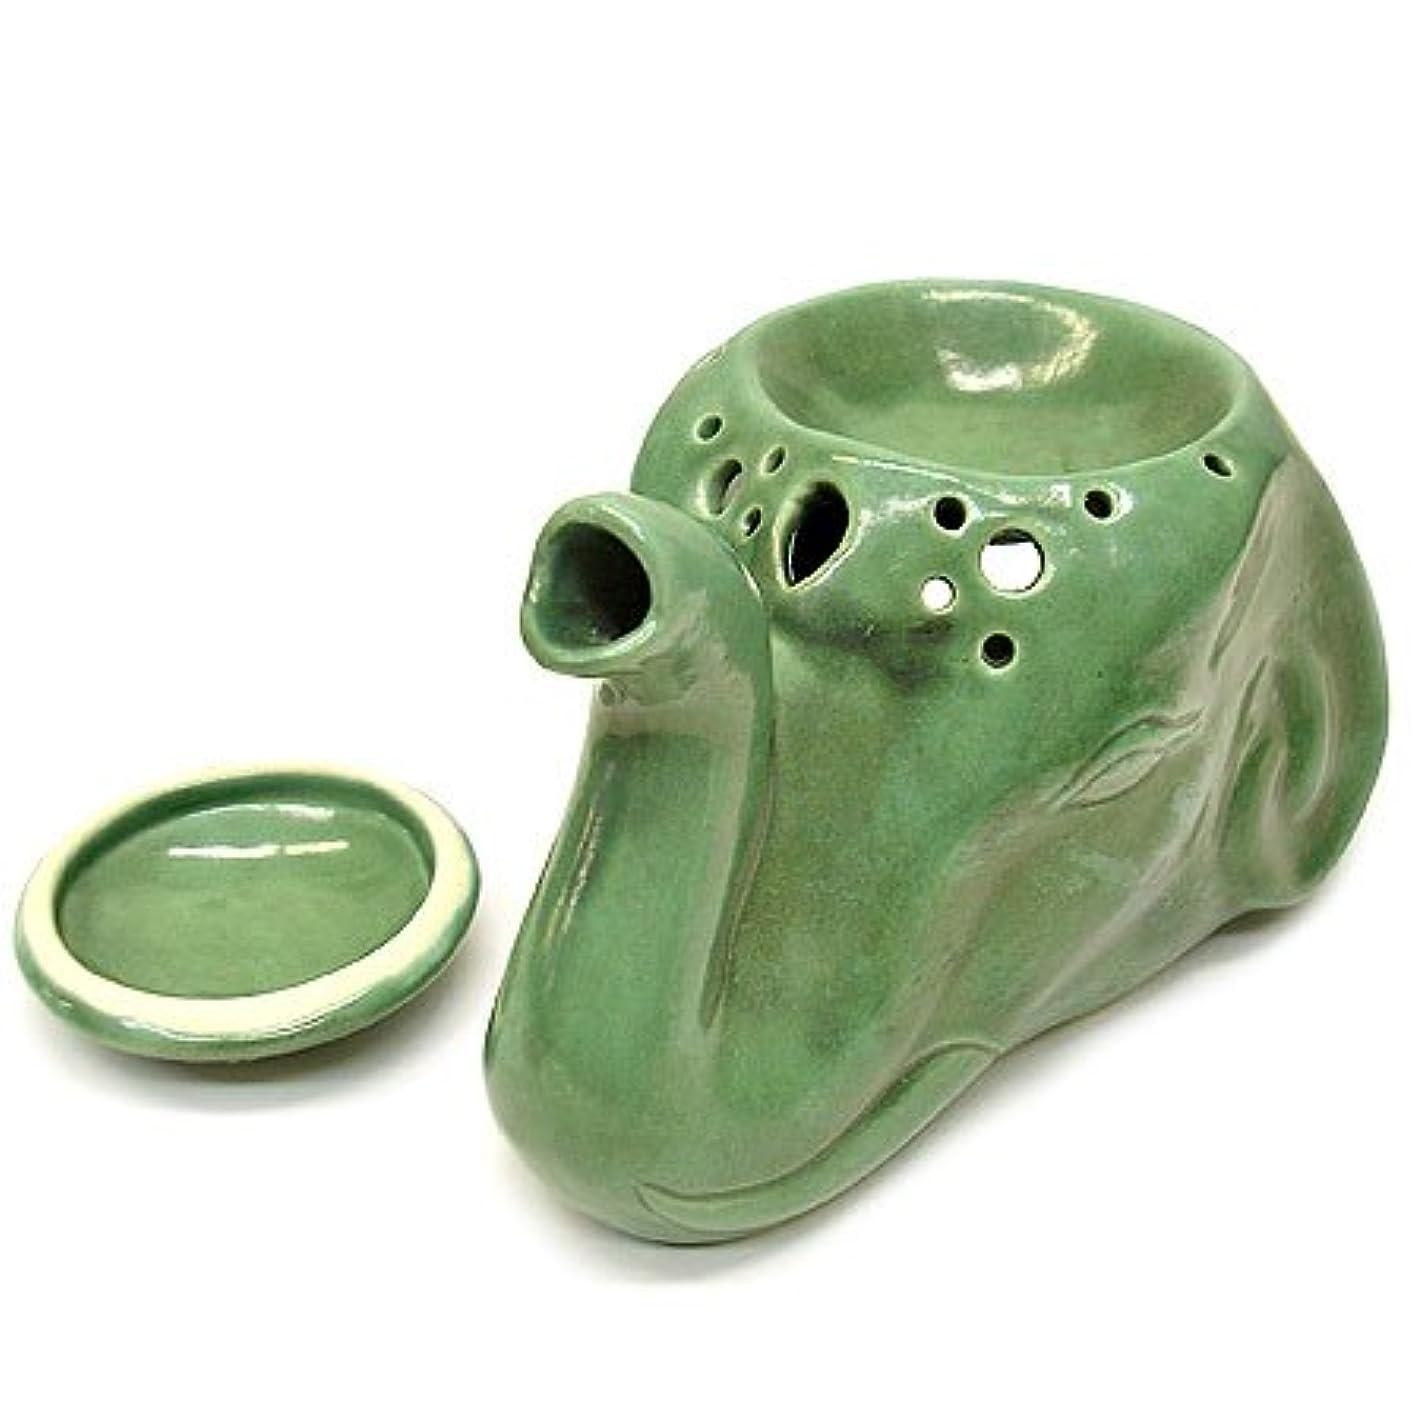 通常レプリカ用心深いタバナン 象のアロマオイルバーナーセット 緑アジアン雑貨